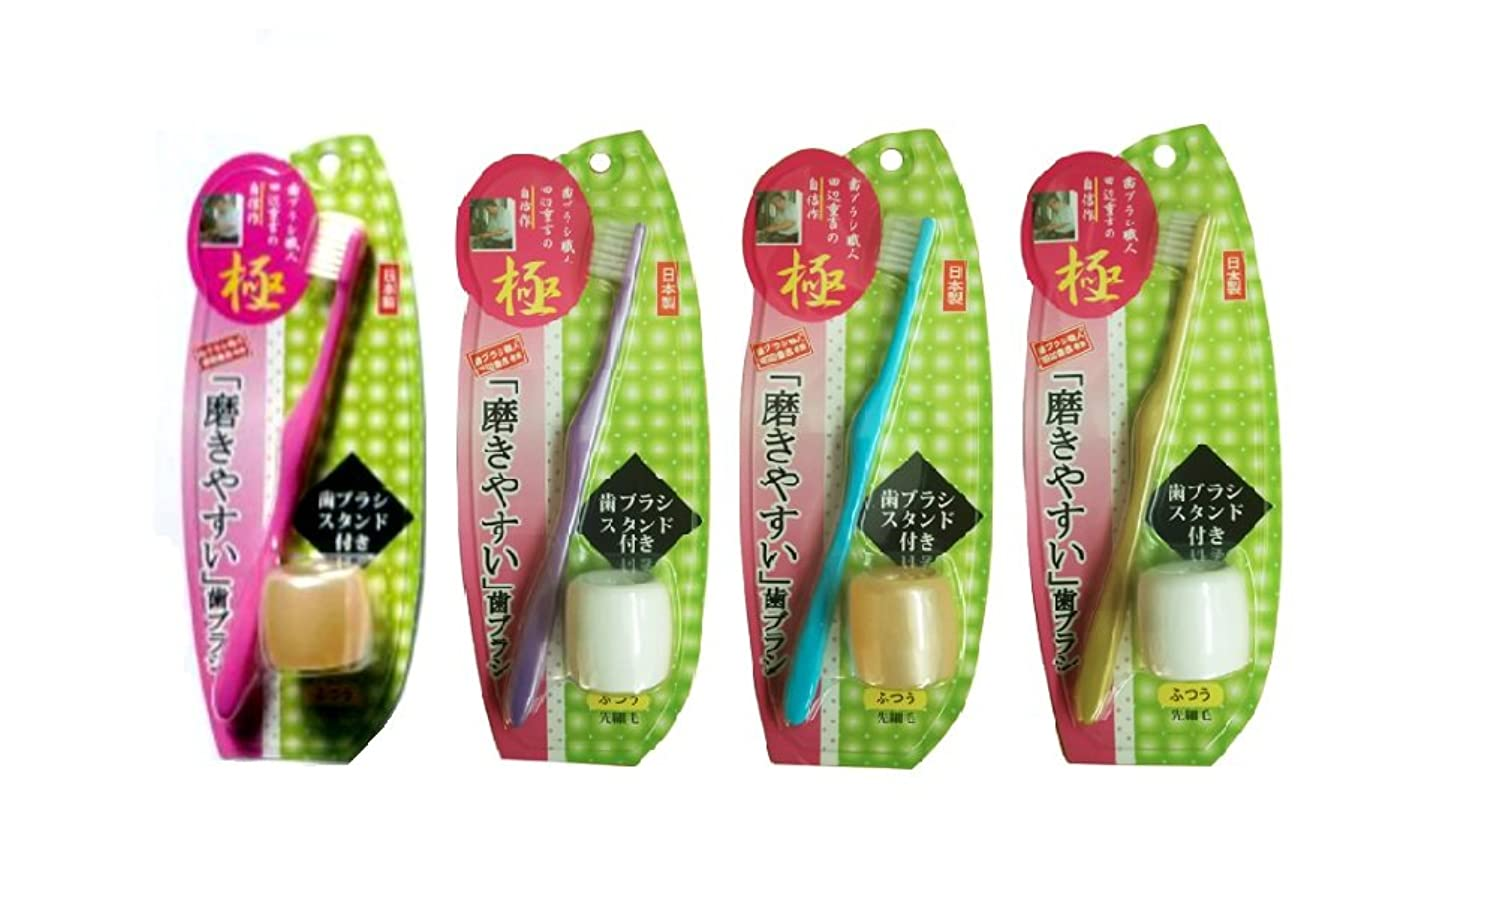 高さ親愛な召喚する磨きやすい歯ブラシ極 先細毛 歯ブラシスタンド付 LT-23 4本セット(ピンク?パープル?ブルー?ゴールド)